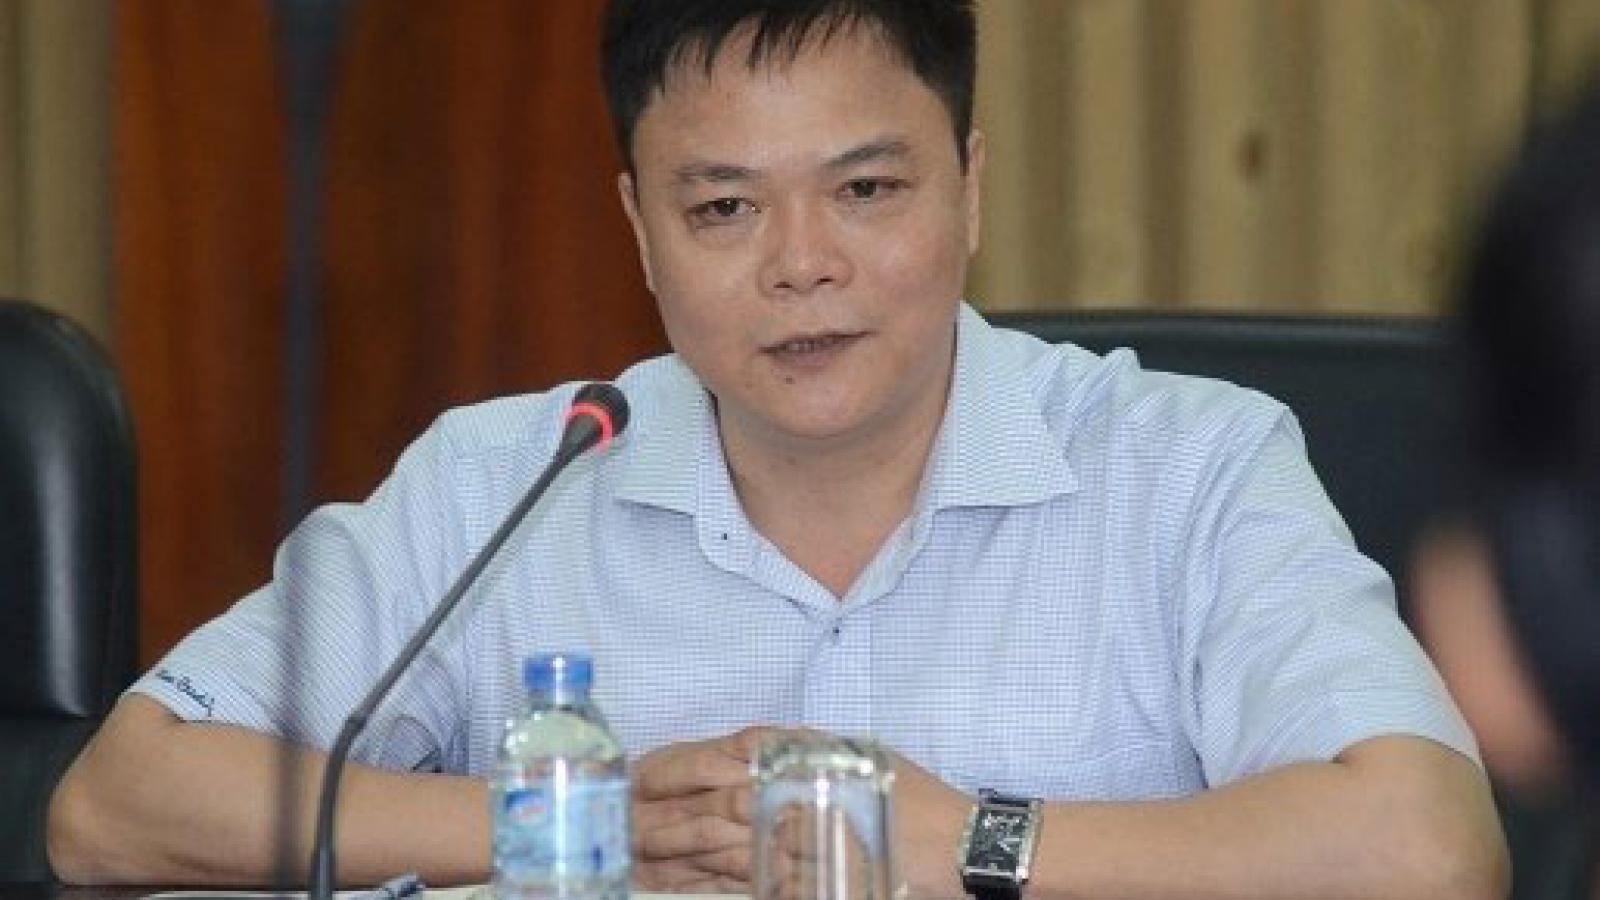 7 du học sinh đầu tiên đủ điều kiện học tiếp tại trường Đại học Bách khoa Hà Nội